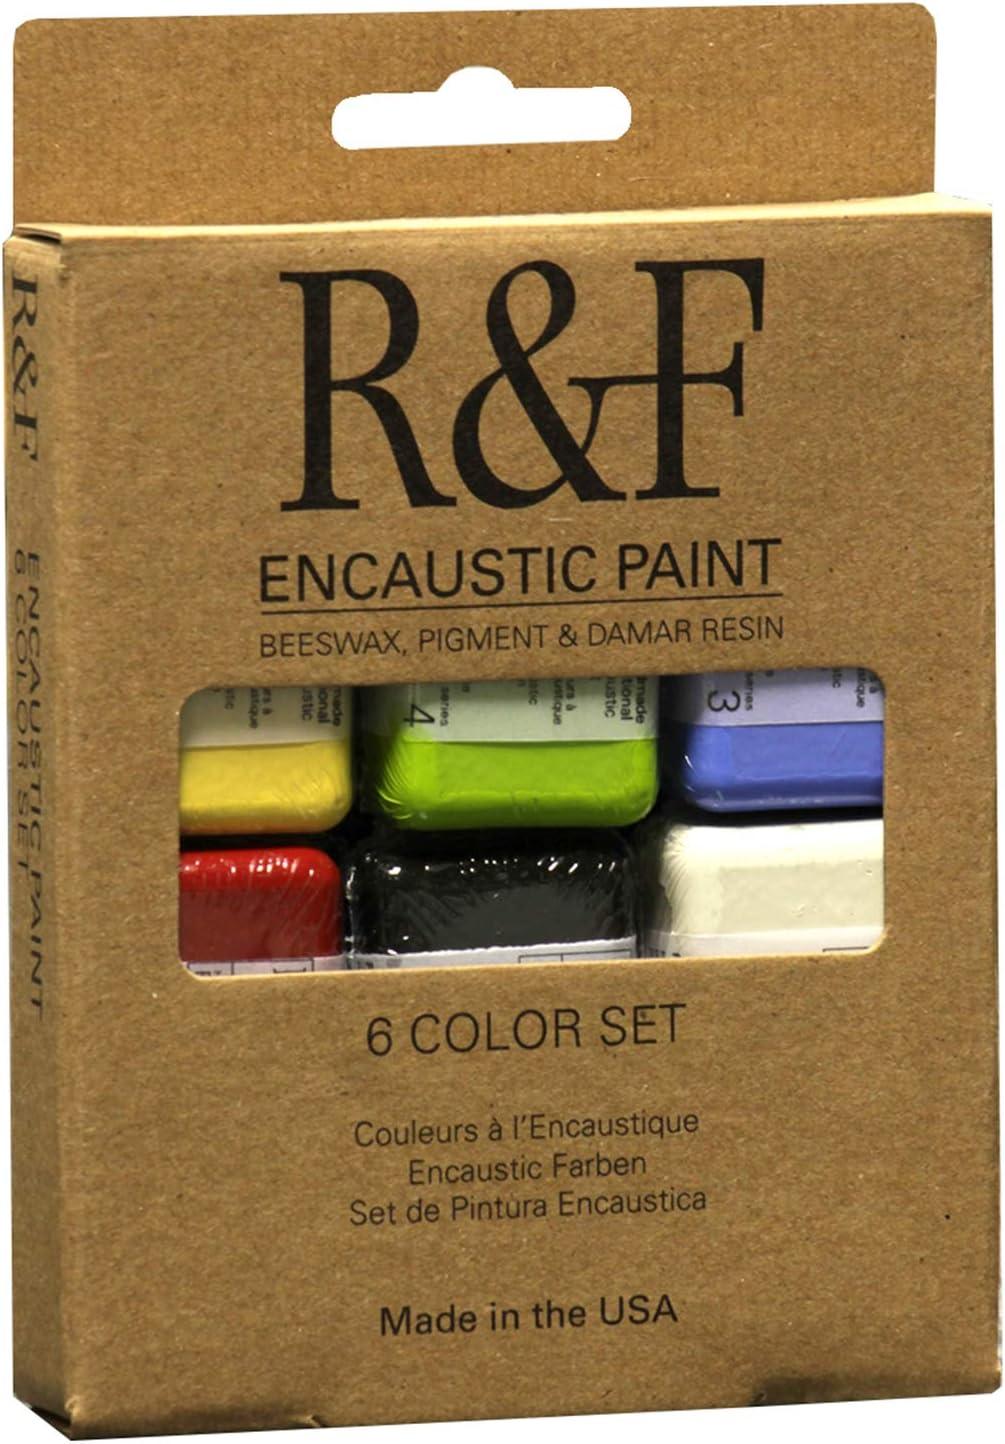 The Ultimate Blue Paint Set Encaustic Wax Paint by Wizart Colors